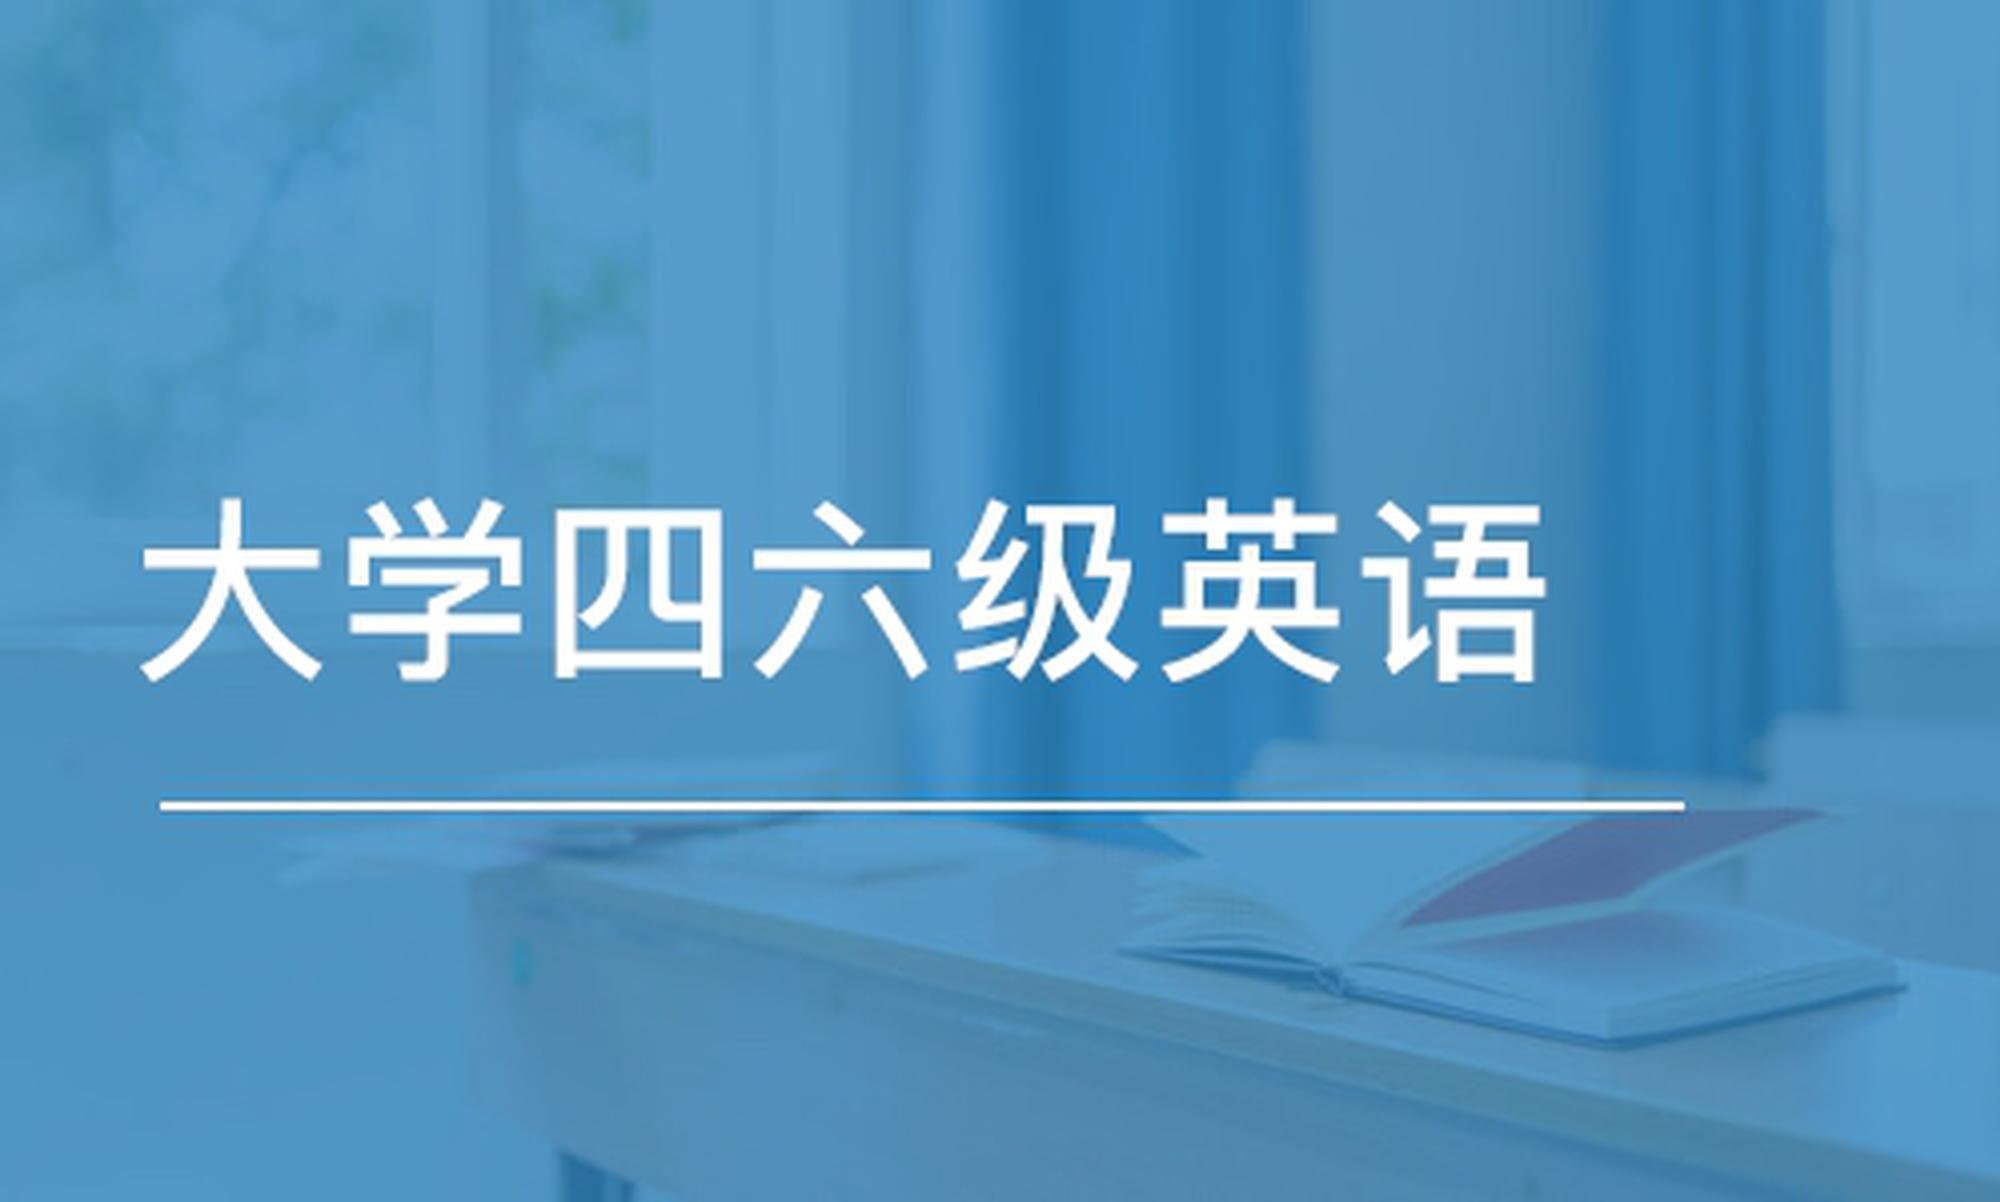 省招考中心:英语四六级考生须考前14天内监测体温